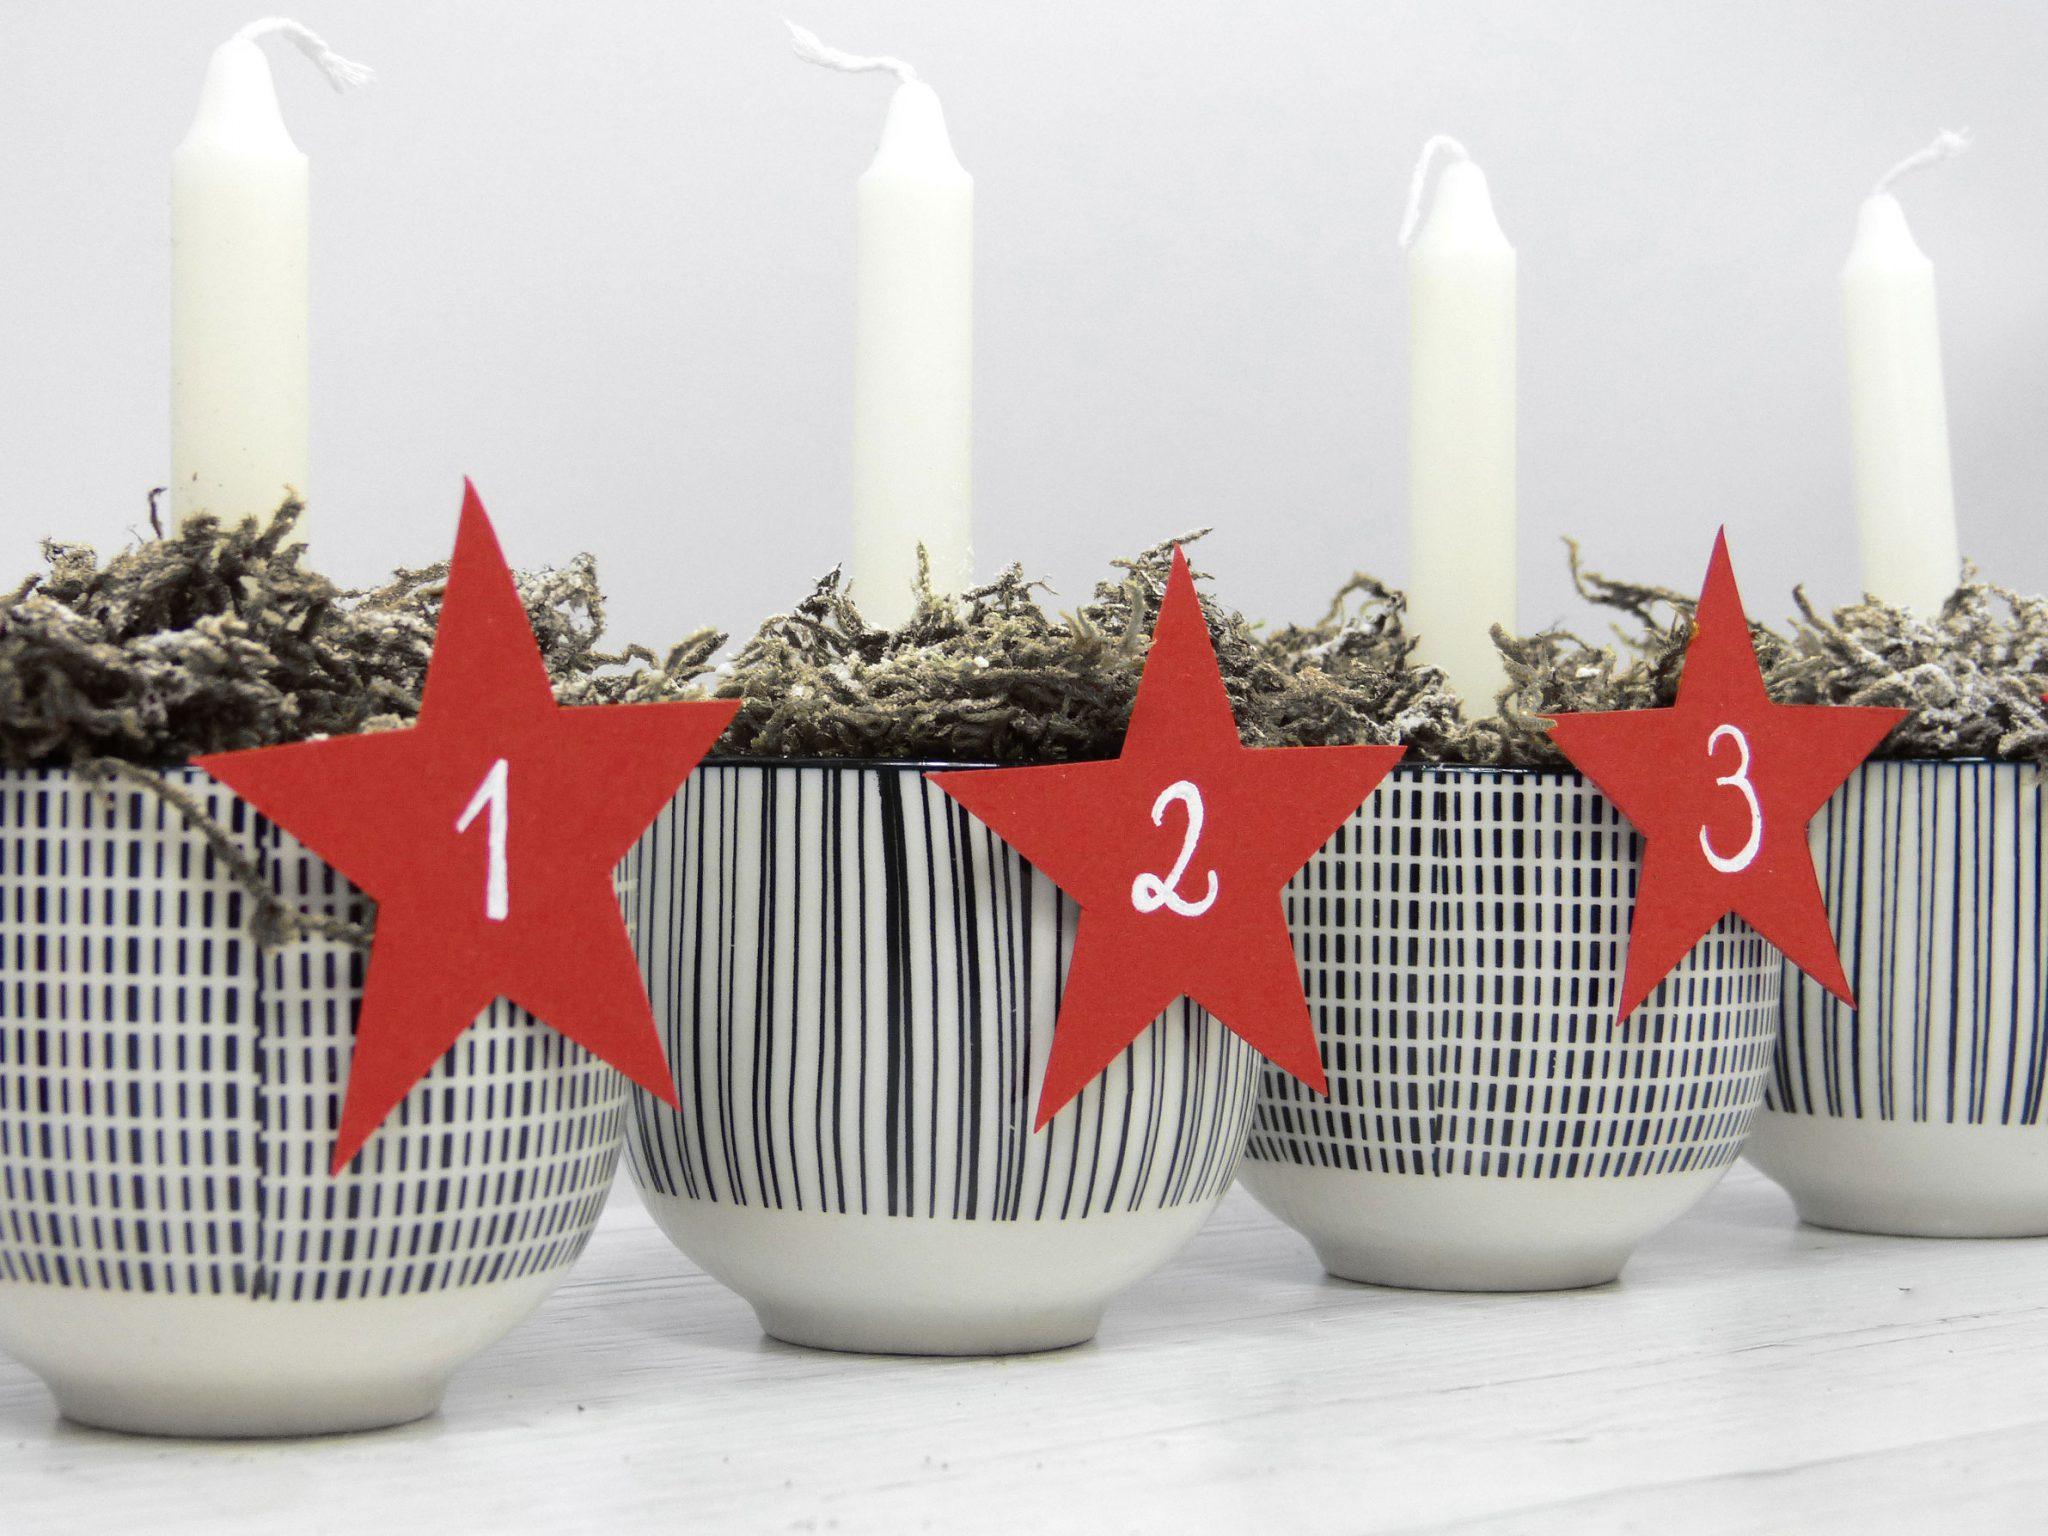 Drei Tassen mit aufgeklebten Papiersternen und weißen Christbaumkerzen, gefüllt mit Moos